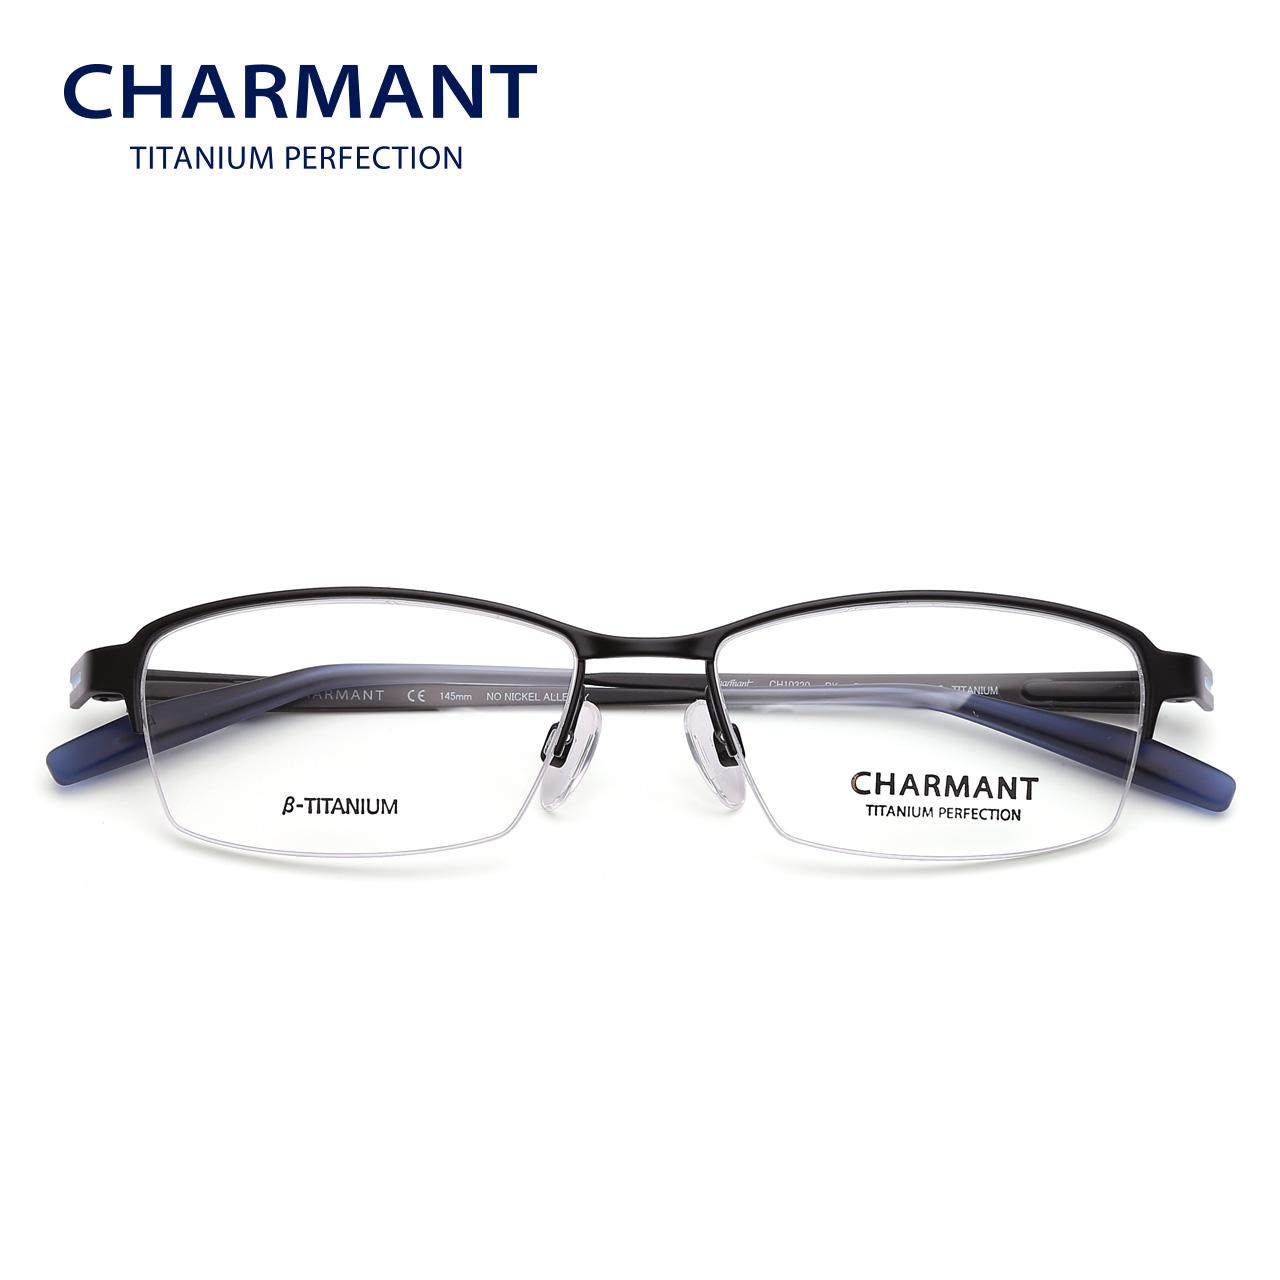 夏蒙半框眼镜架 商务近视眼镜框男 超轻β钛光学框架眼睛CH10320